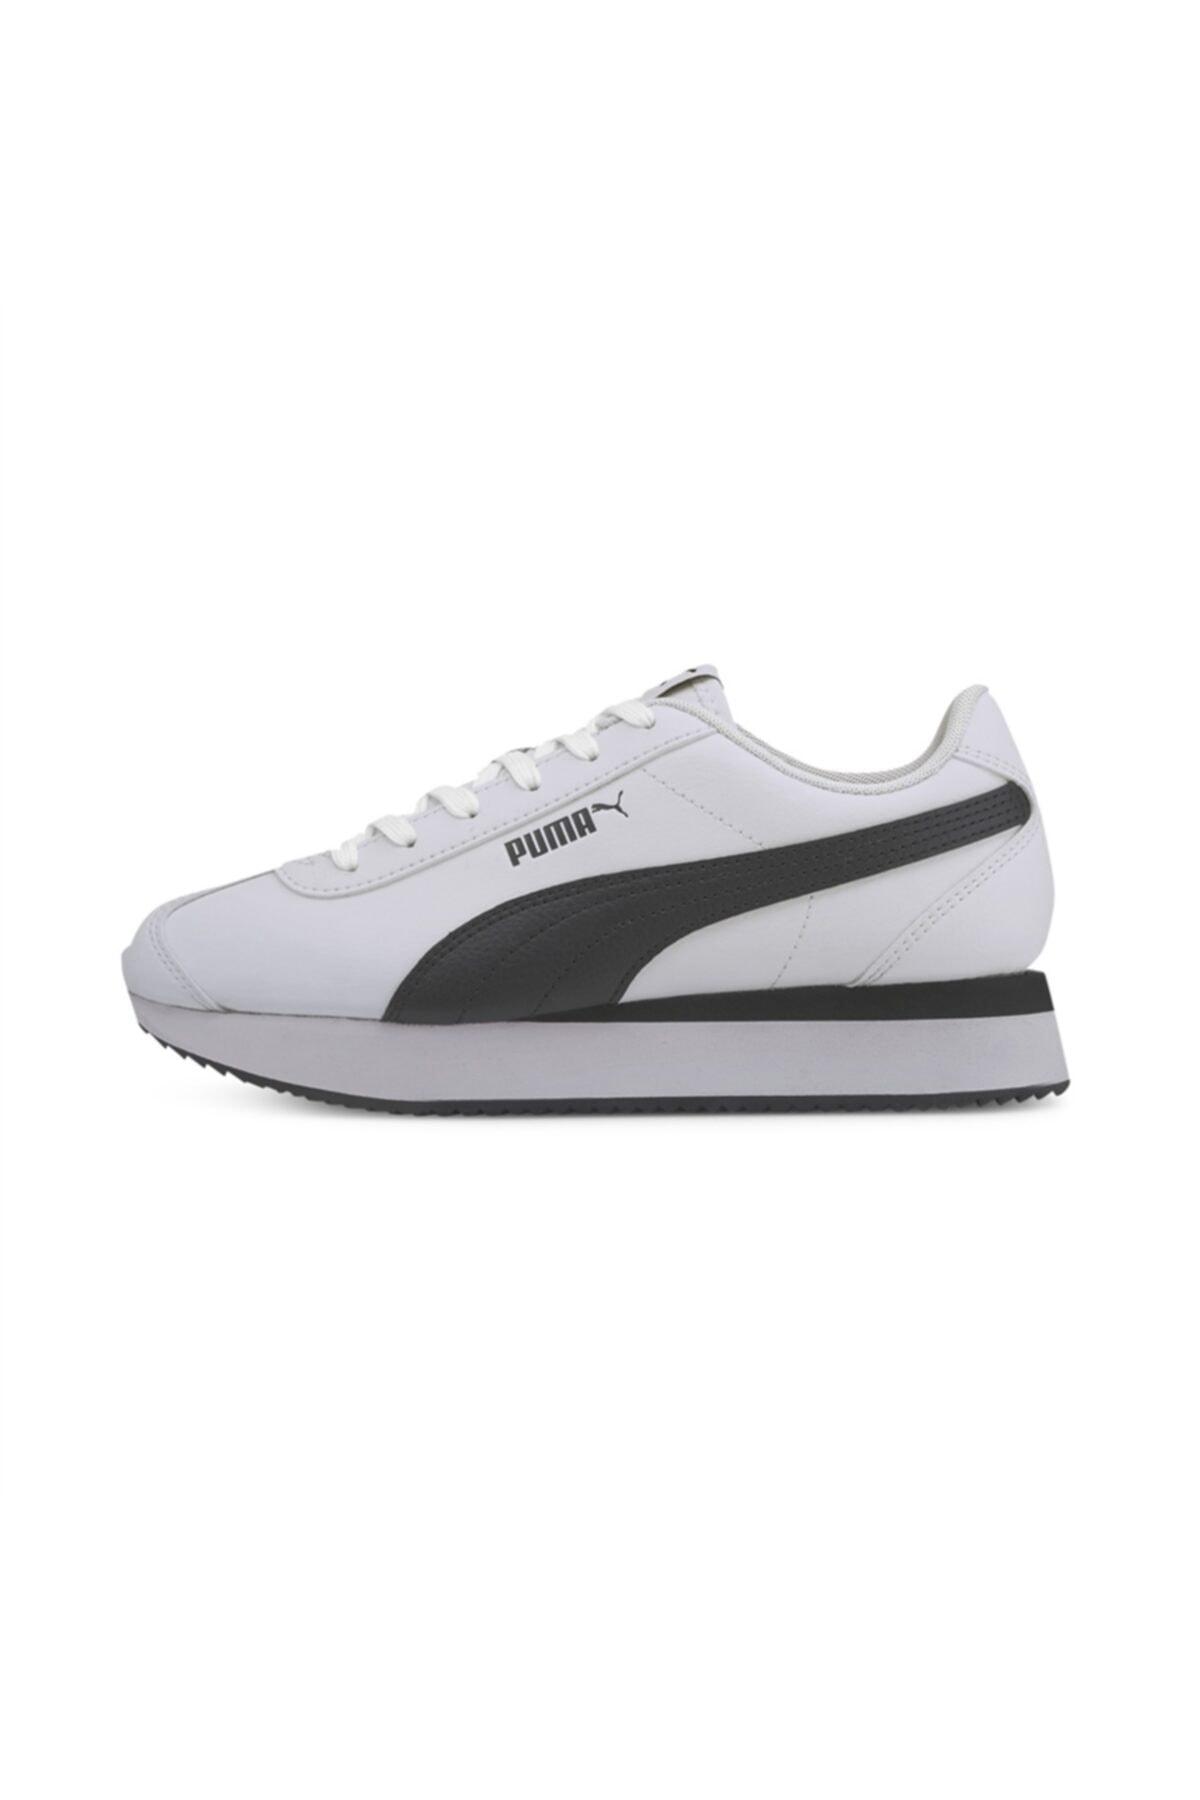 Puma Turino Stacked Kadın Günlük Ayakkabı - 37111508 2